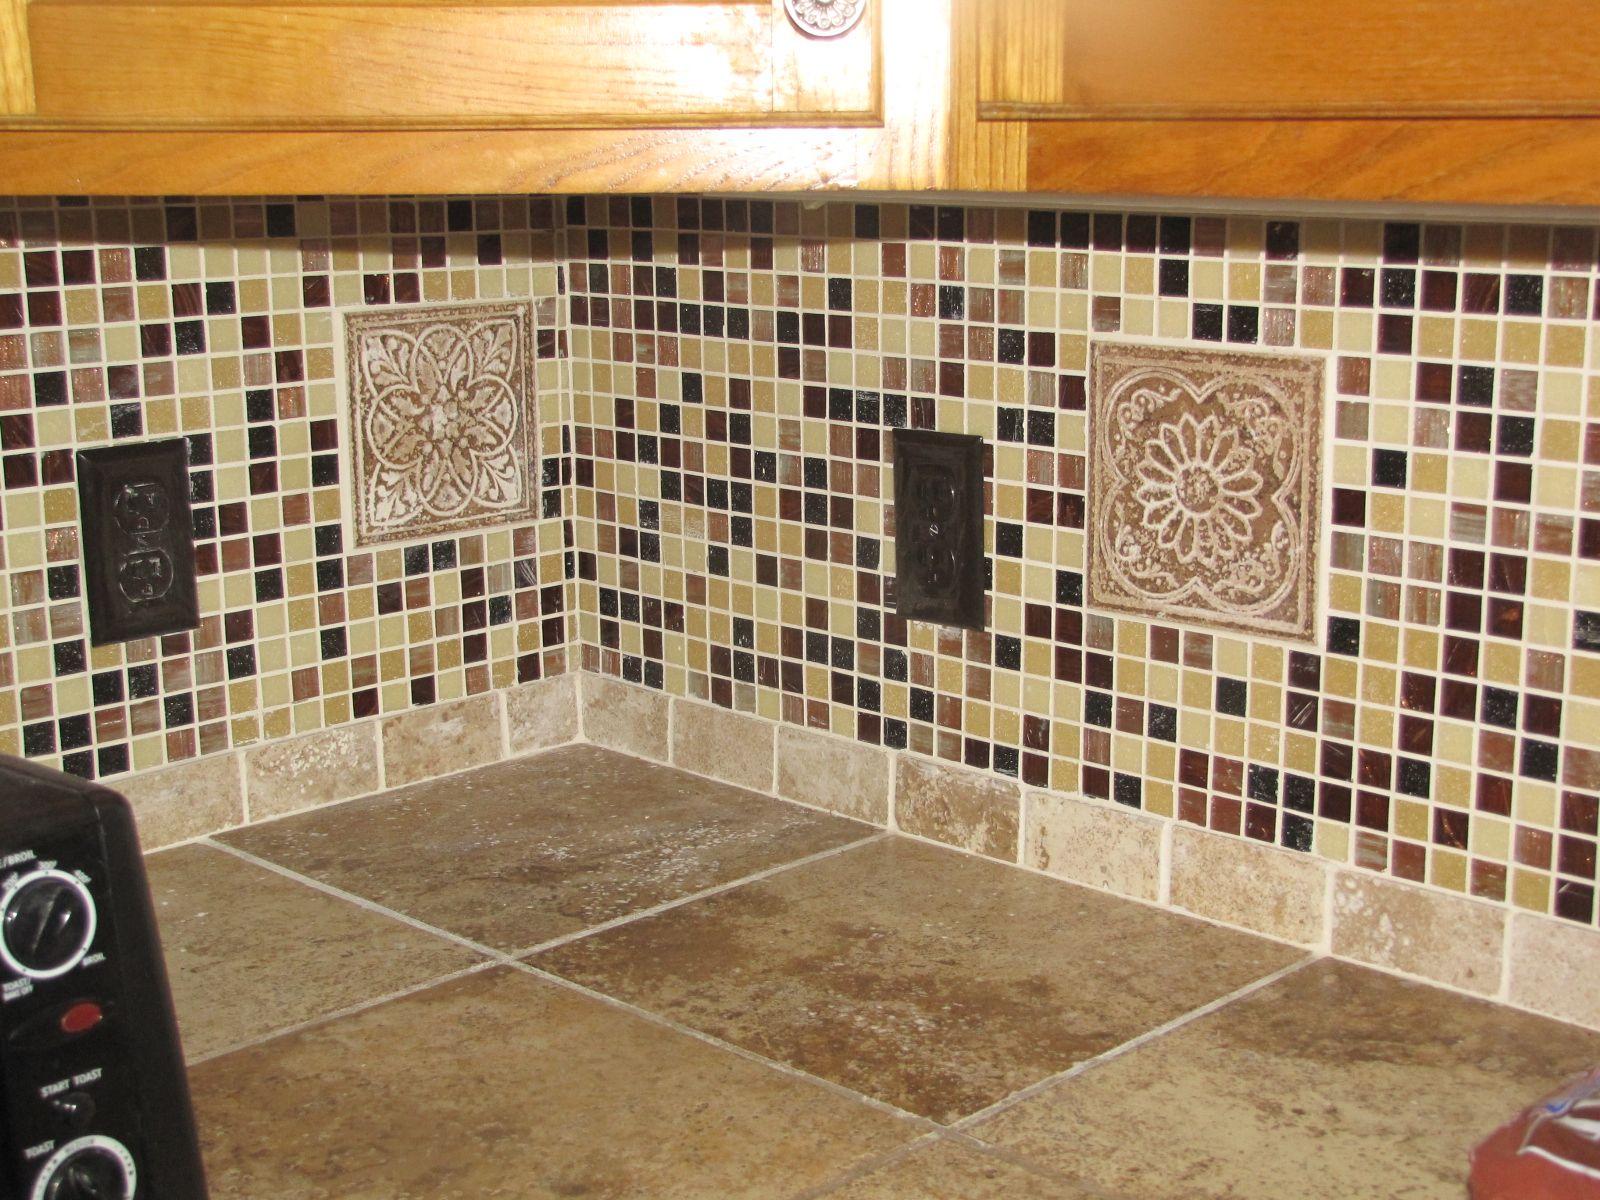 Tiled countertop backsplash over existing mauve laminate dream tiled countertop backsplash over existing mauve laminate doublecrazyfo Gallery